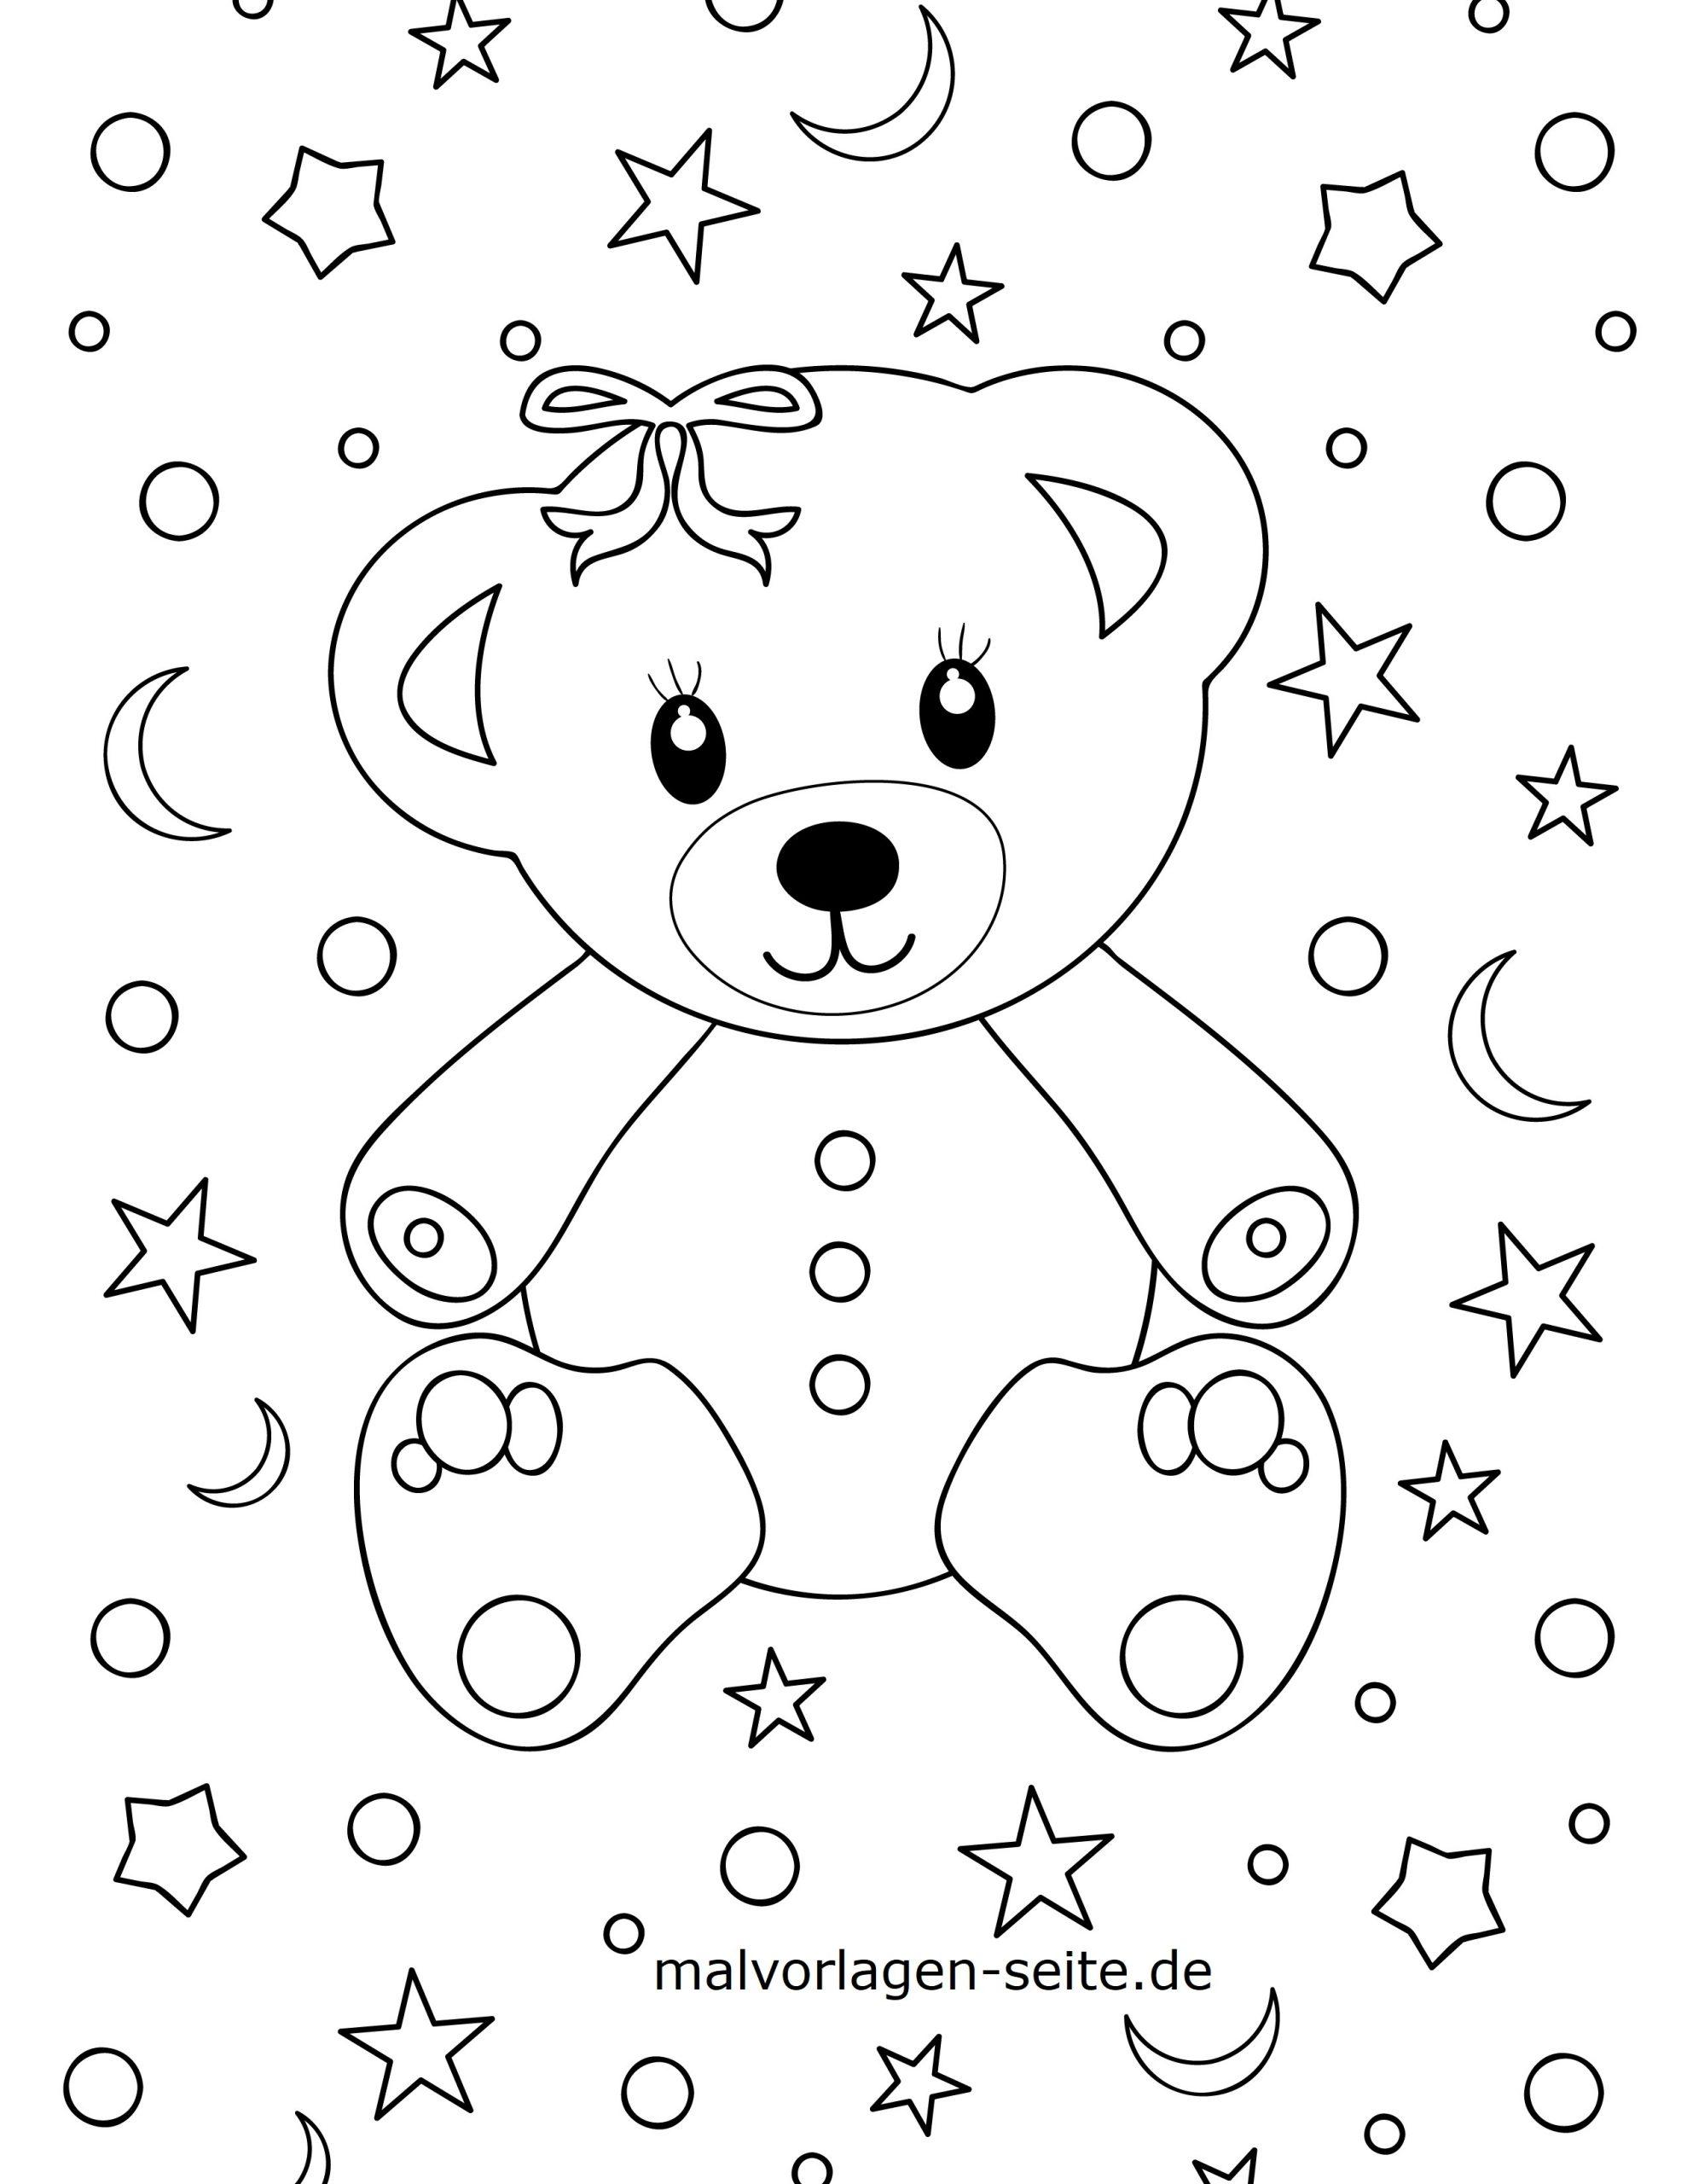 Malvorlage Kleine Kinder - Bär - Ausmalbilder Kostenlos verwandt mit Bären Bilder Zum Ausdrucken